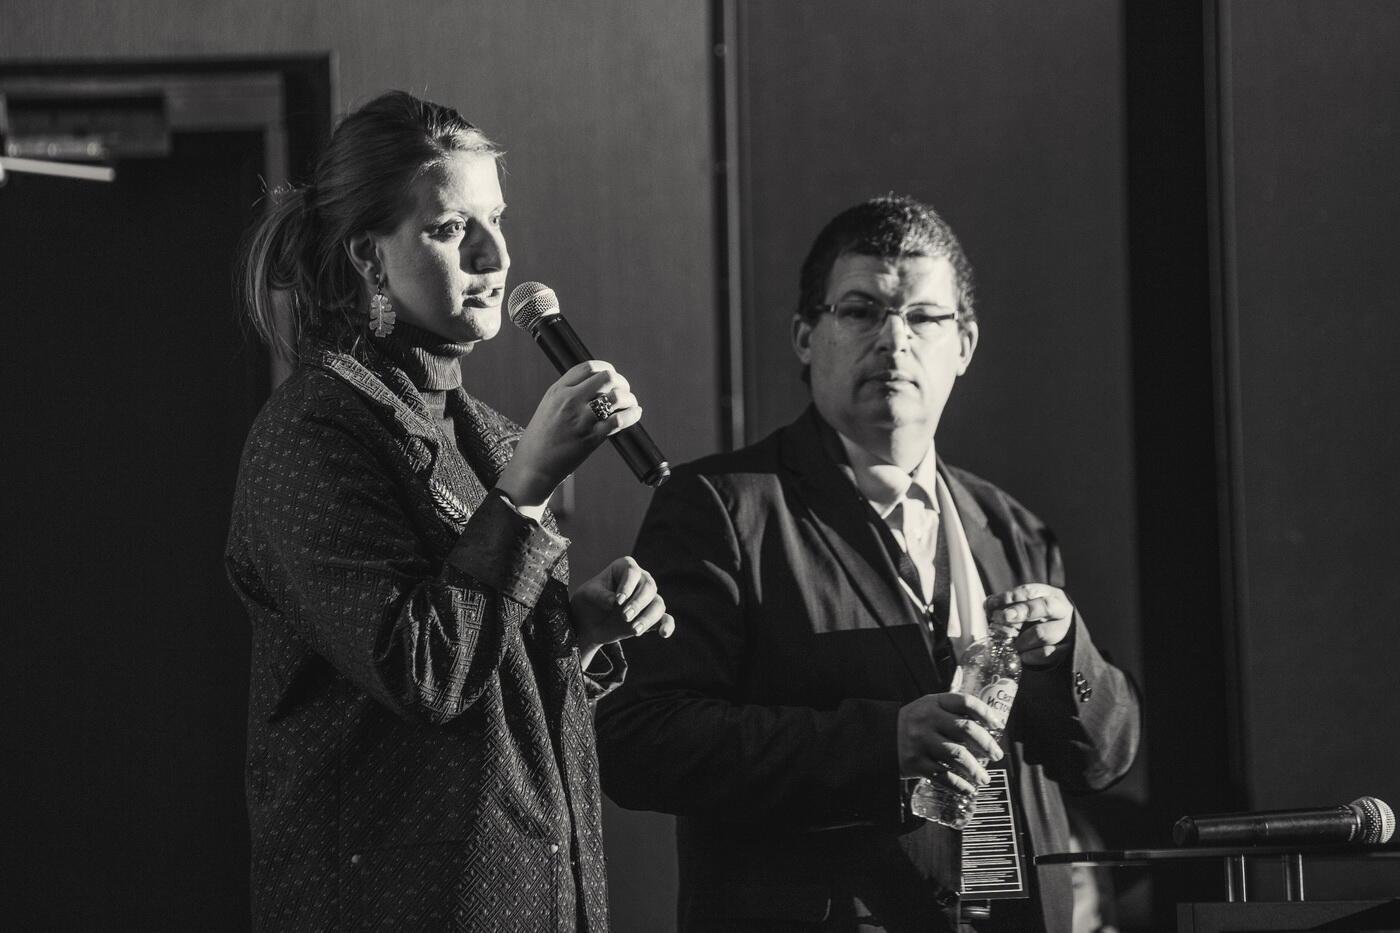 Французский эксперт в области ВЭД и международной торговли Стефан Монтальбано и Мария Бунос, представительница консалтингового бюро France Group